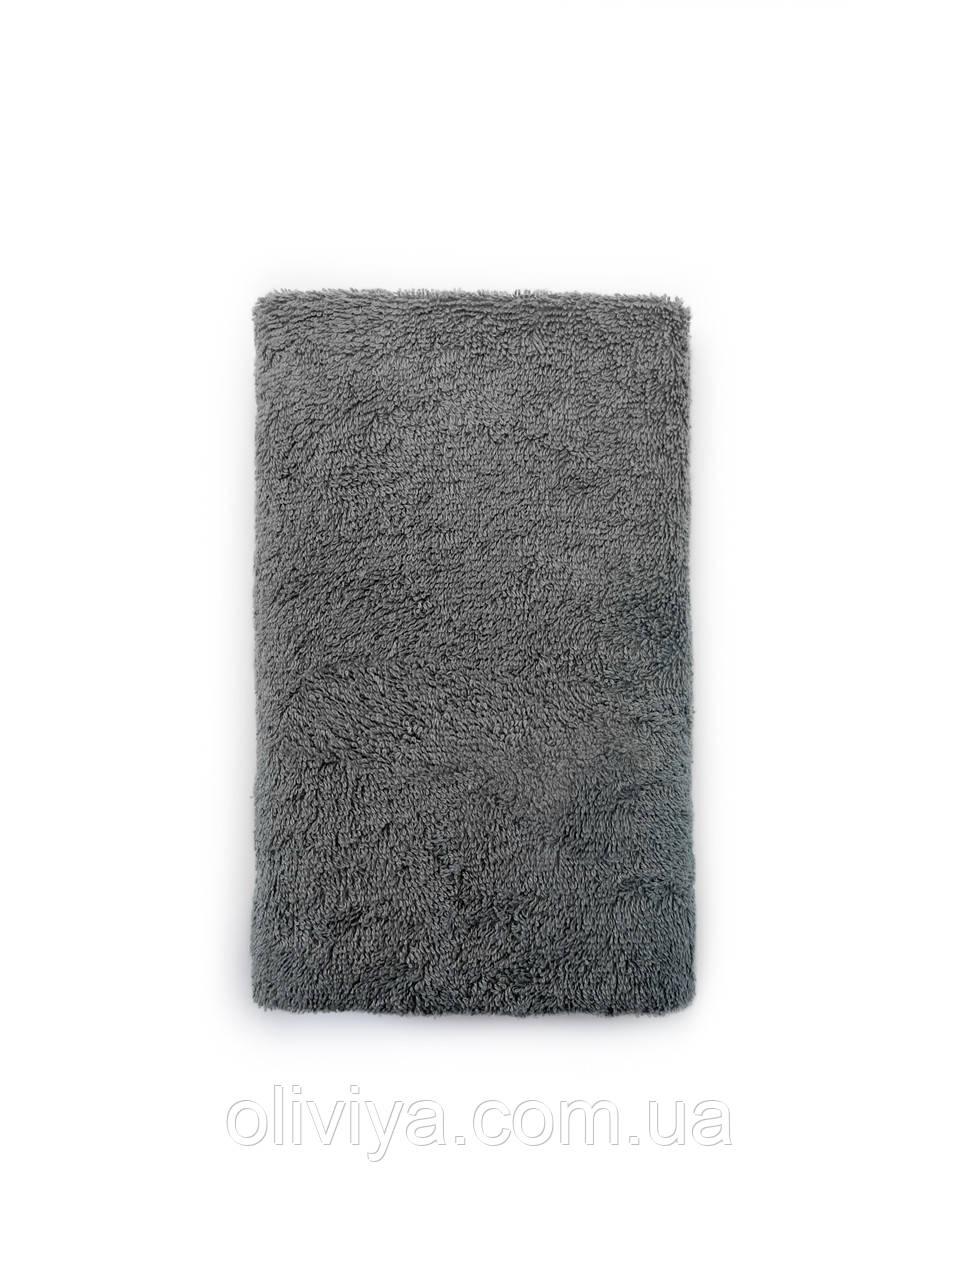 Полотенце для бани и сауны серый